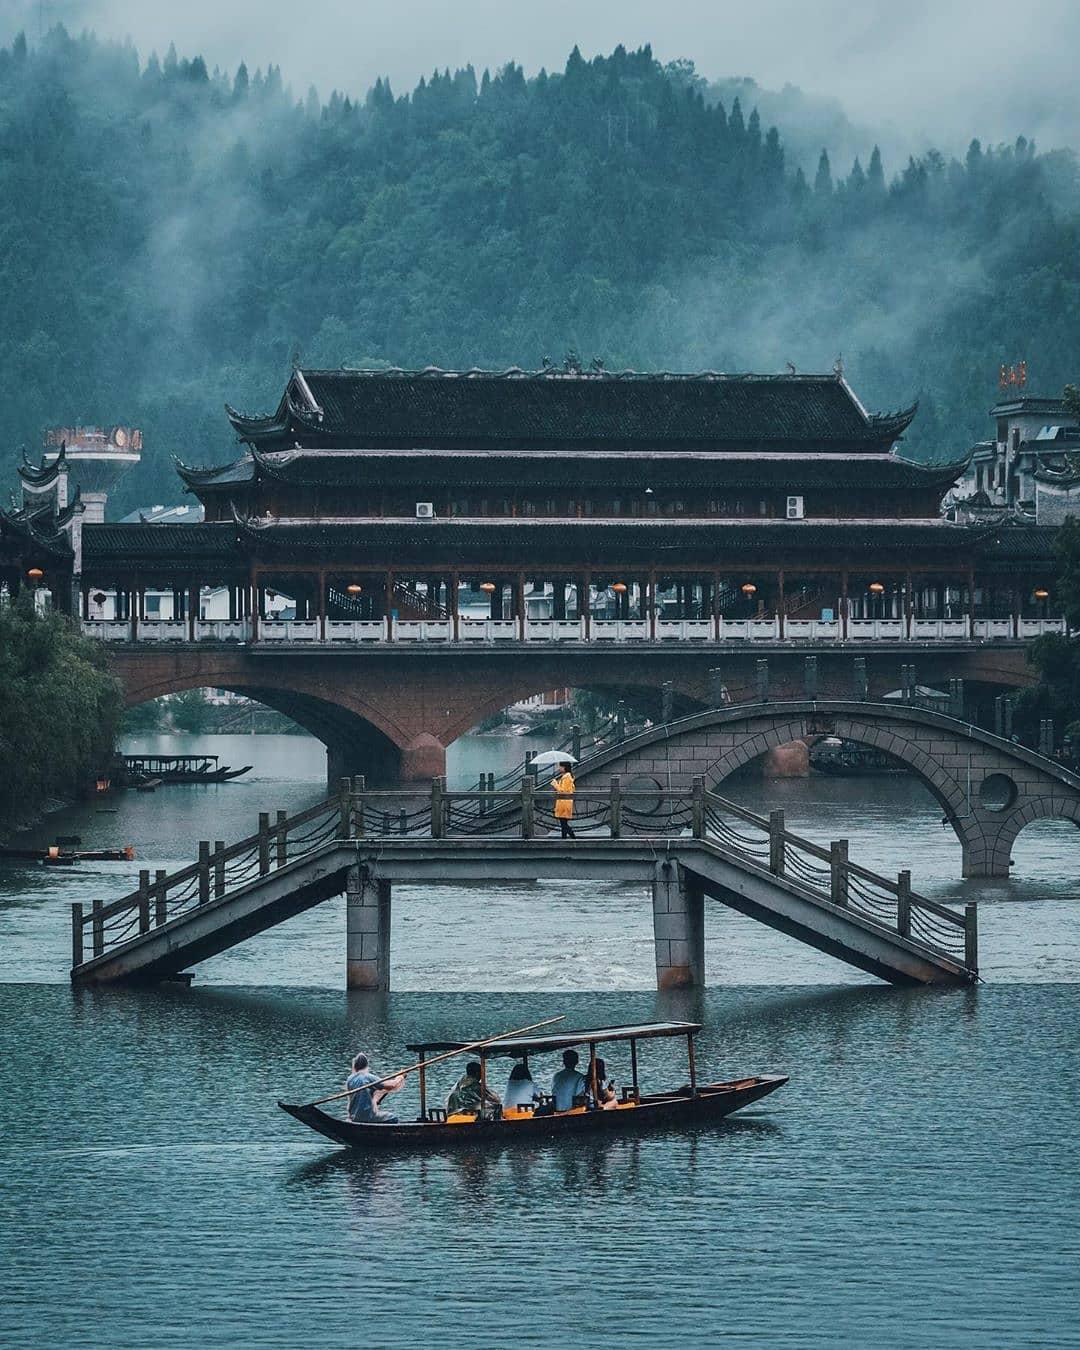 Phượng Hoàng cổ trấn - Trương Gia Giới : Đi là mê!